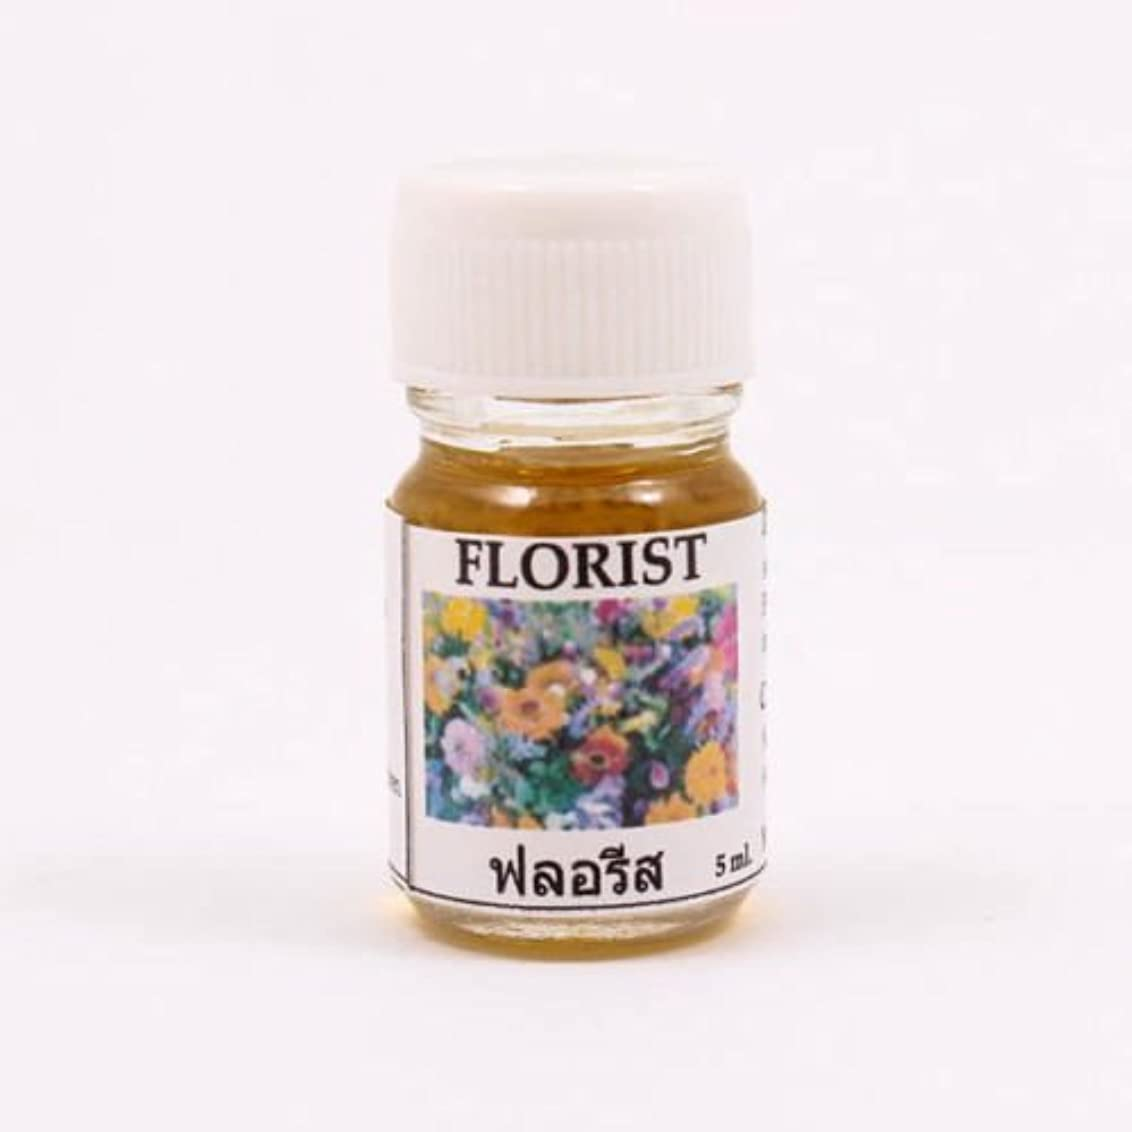 不完全な印象意識的6X Florist Aroma Fragrance Essential Oil 5ML. (cc) Diffuser Burner Therapy